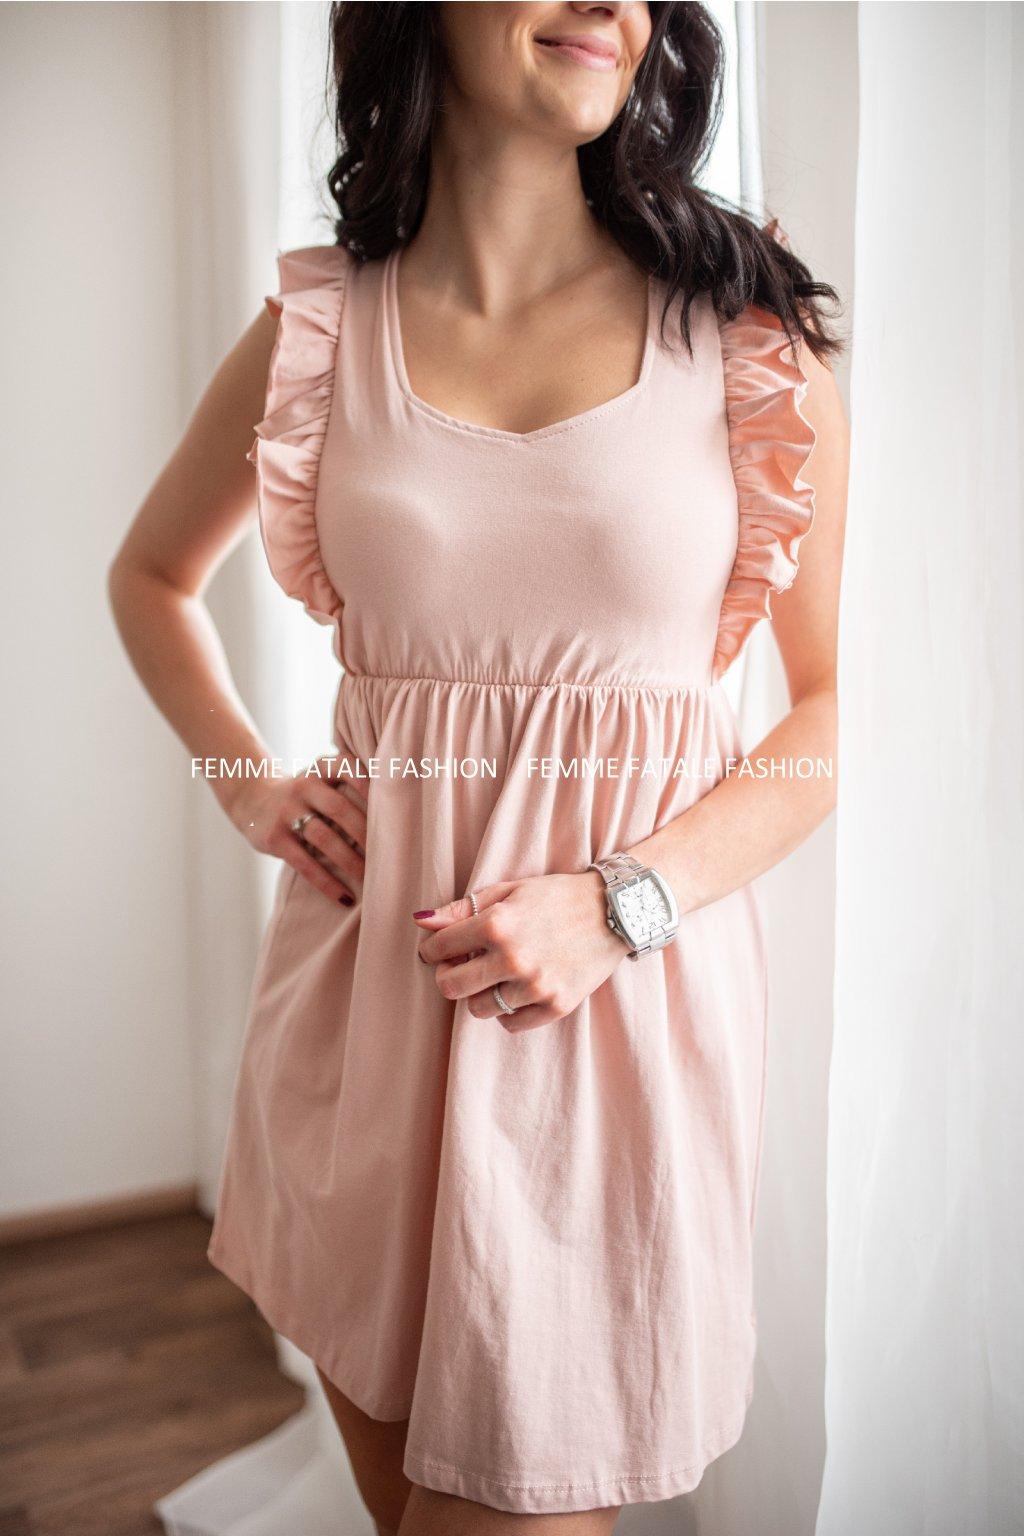 Dámské letní šaty WINGS femmefatalefashion (2)